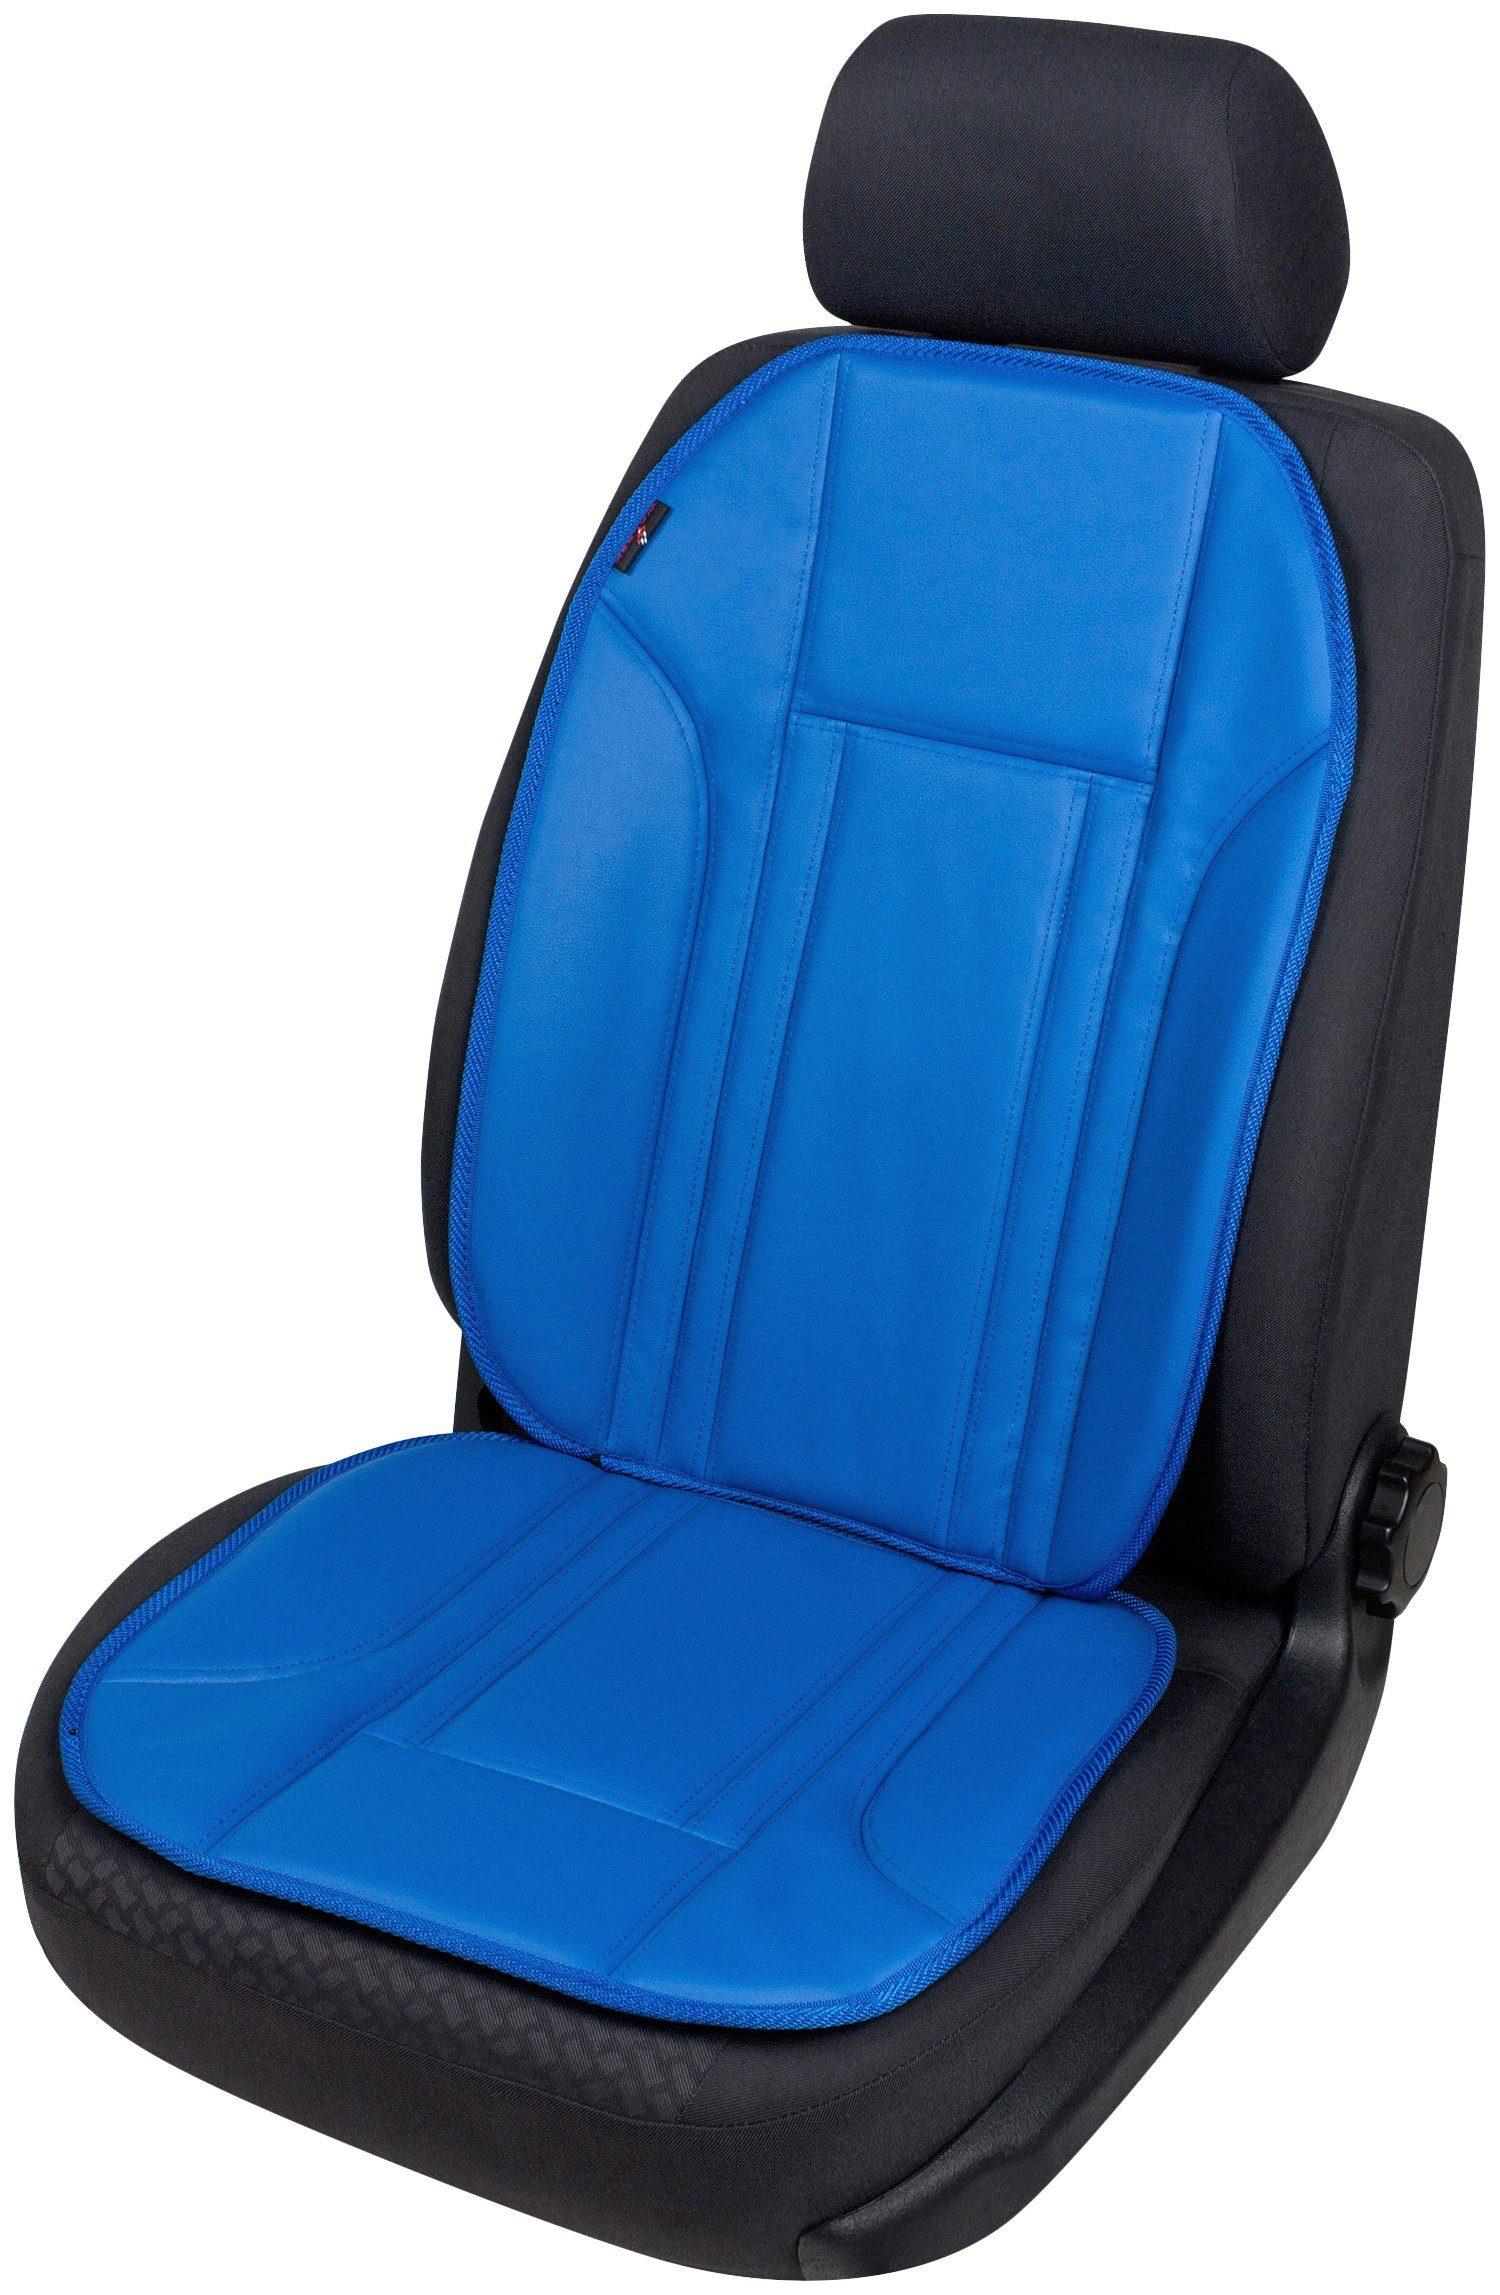 Autositzauflage »Ravenna blau«